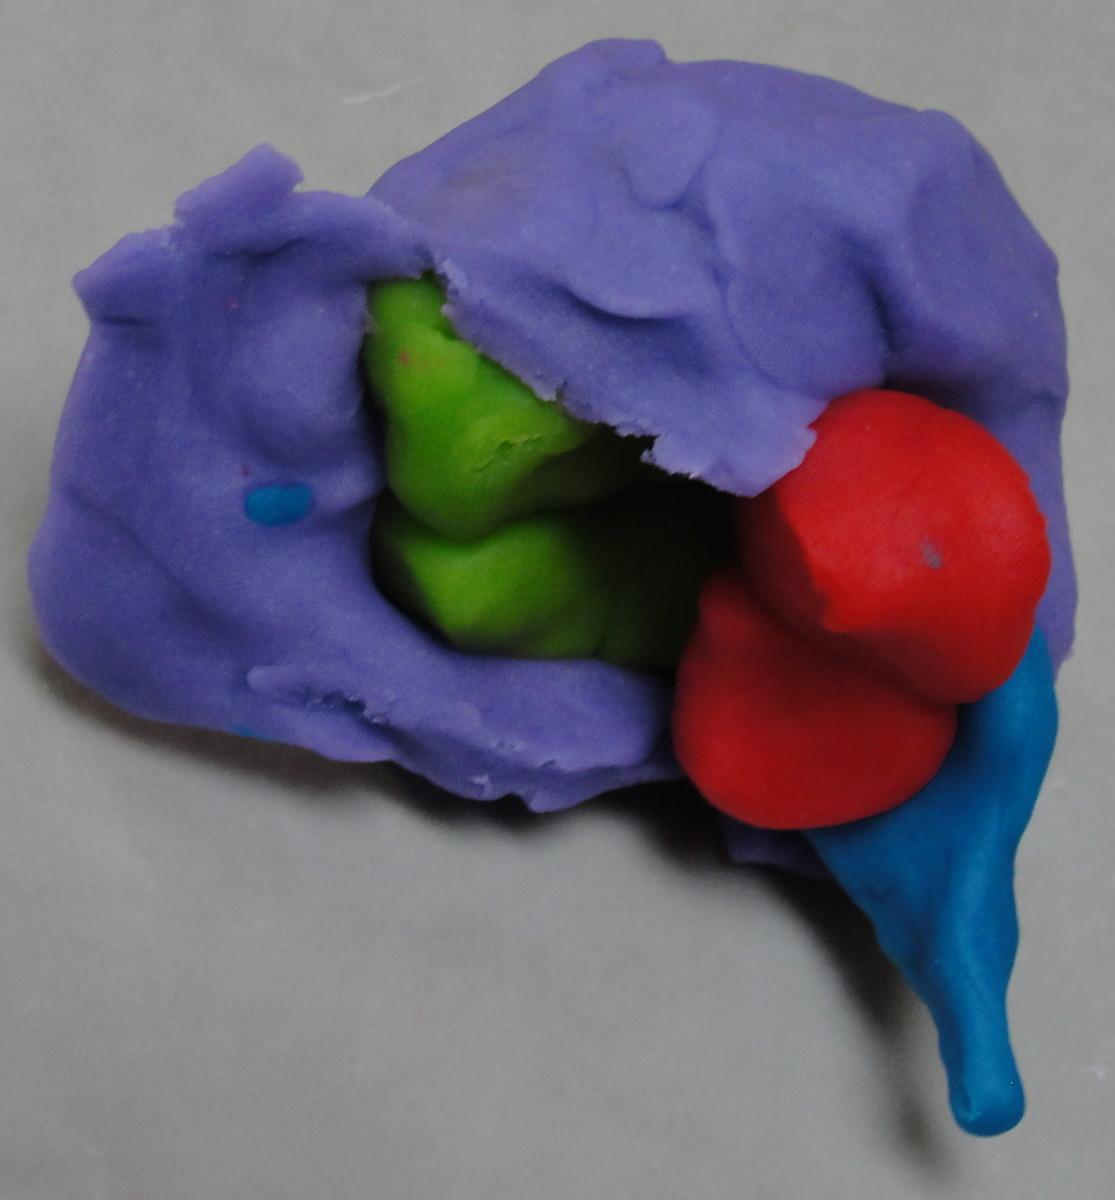 Adding the cerebral cortex